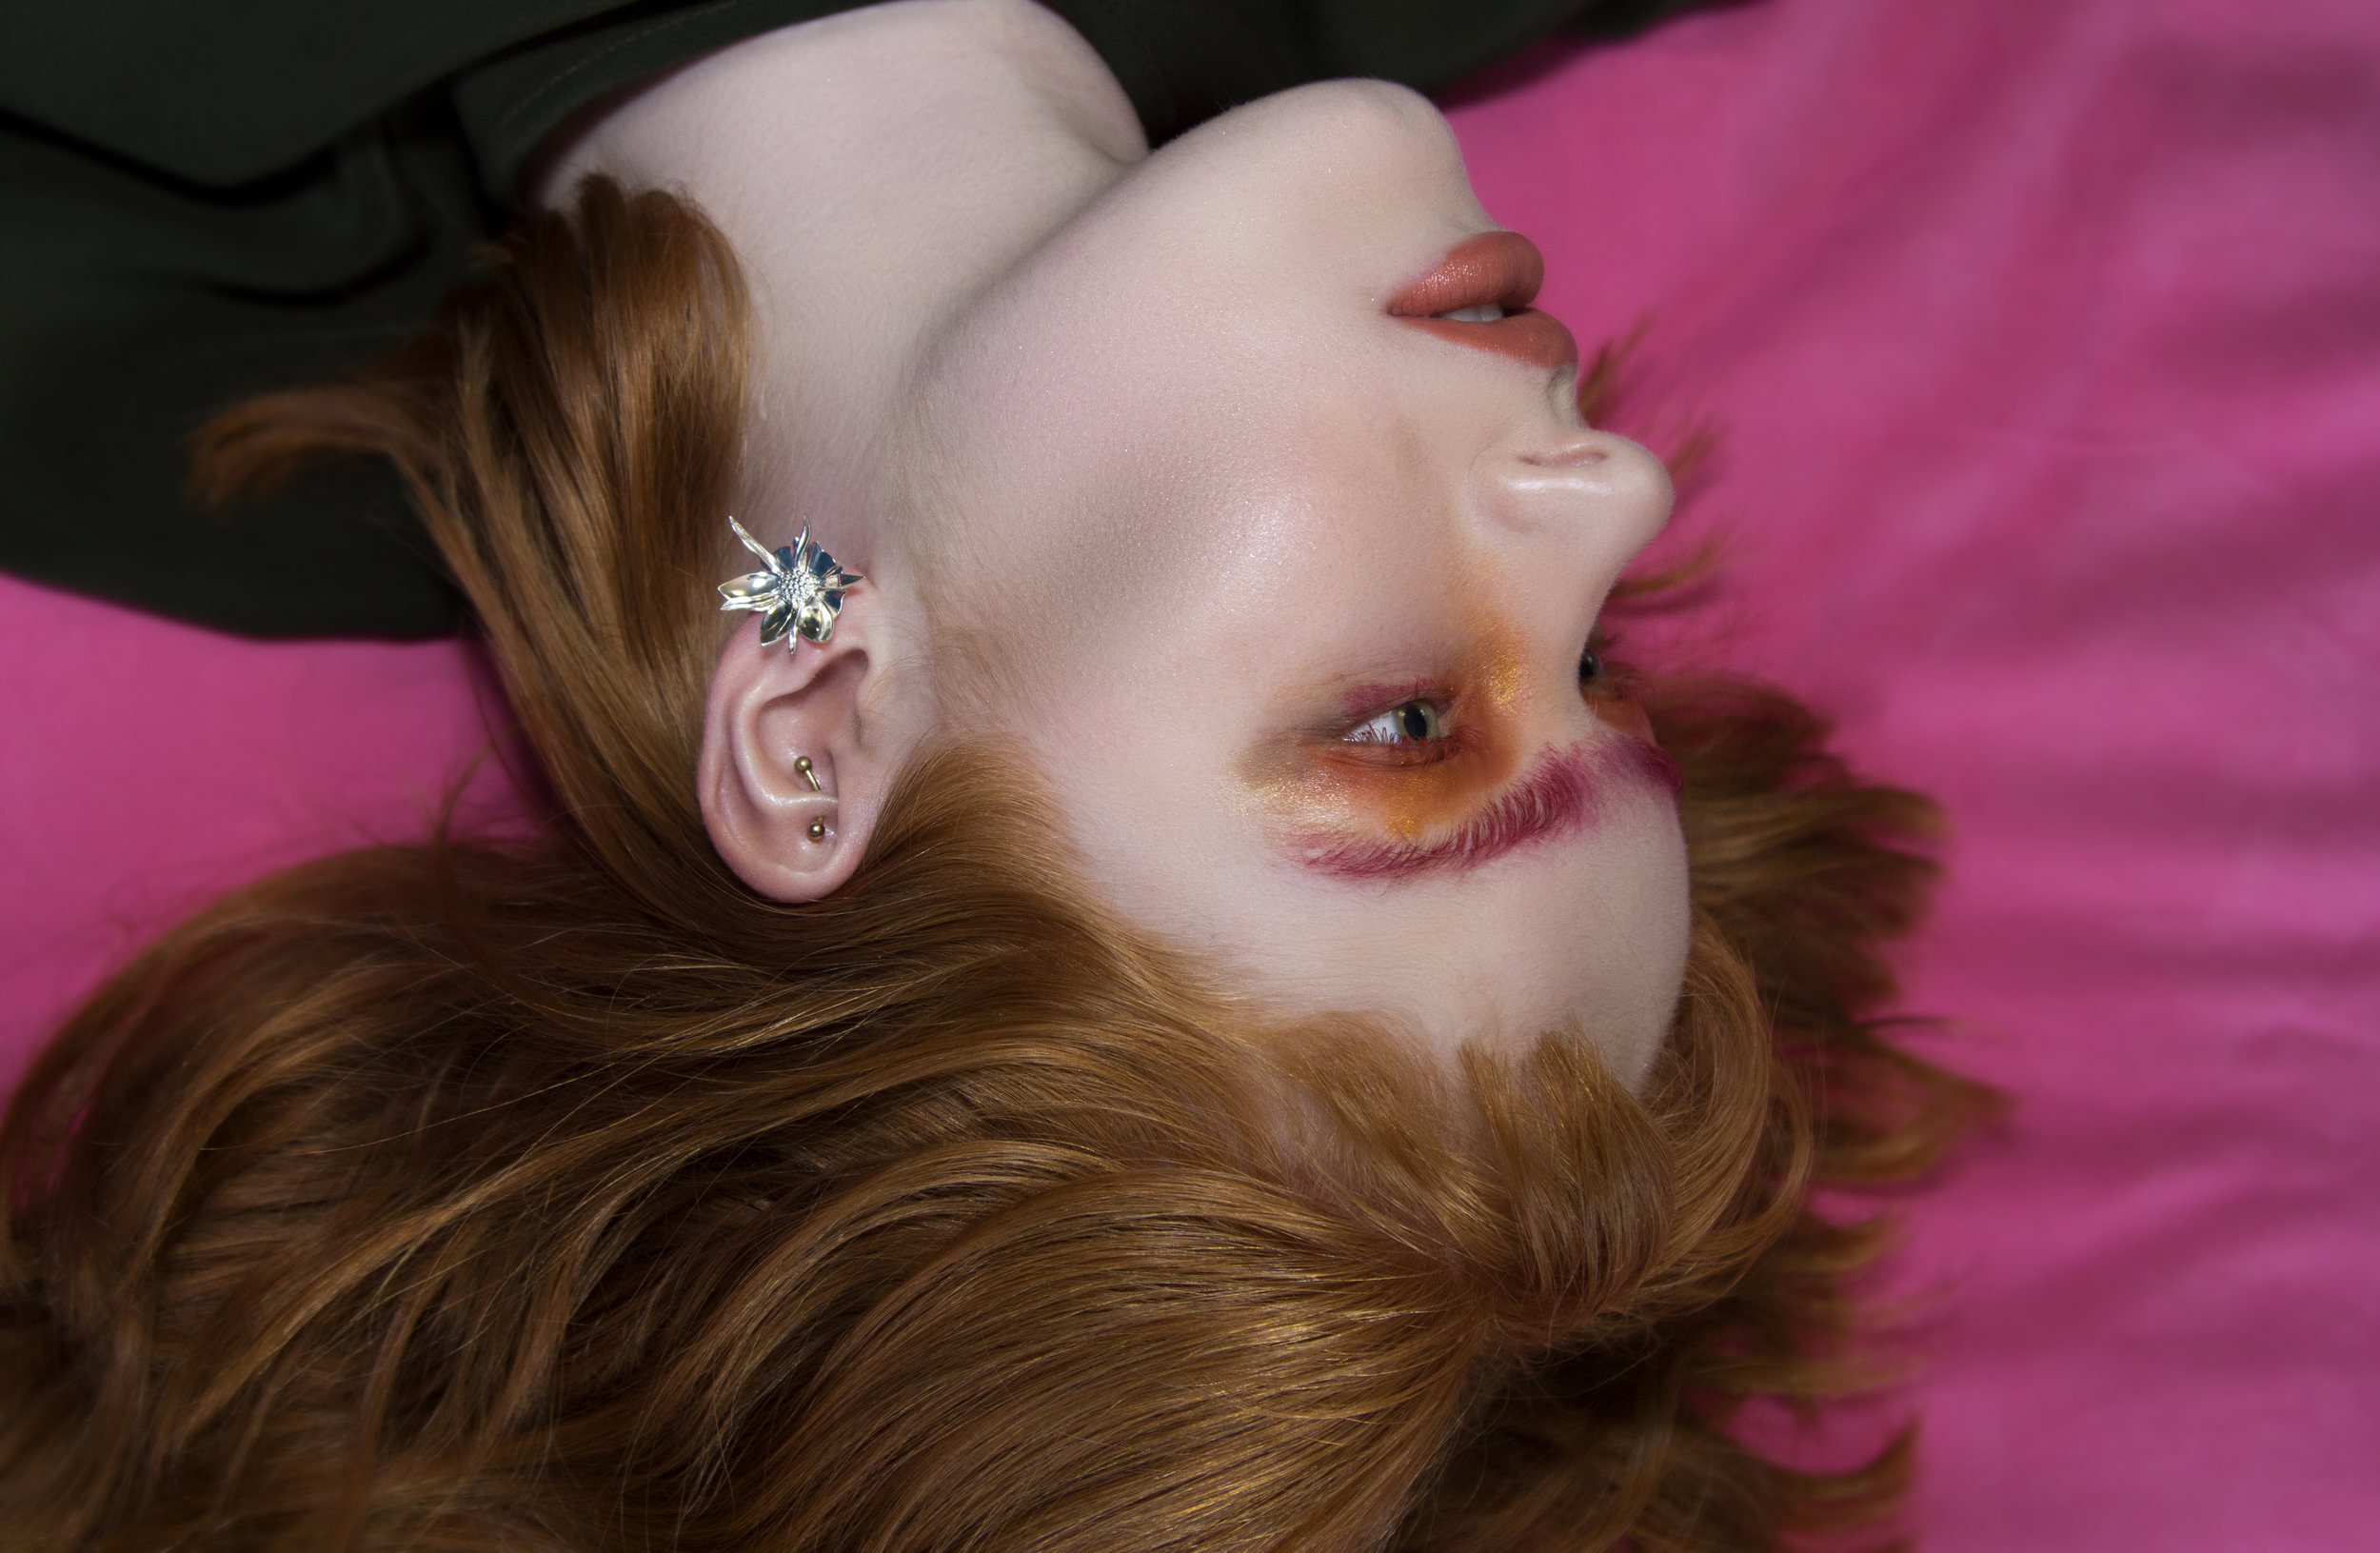 Meadowlark Wildflower earring in large.